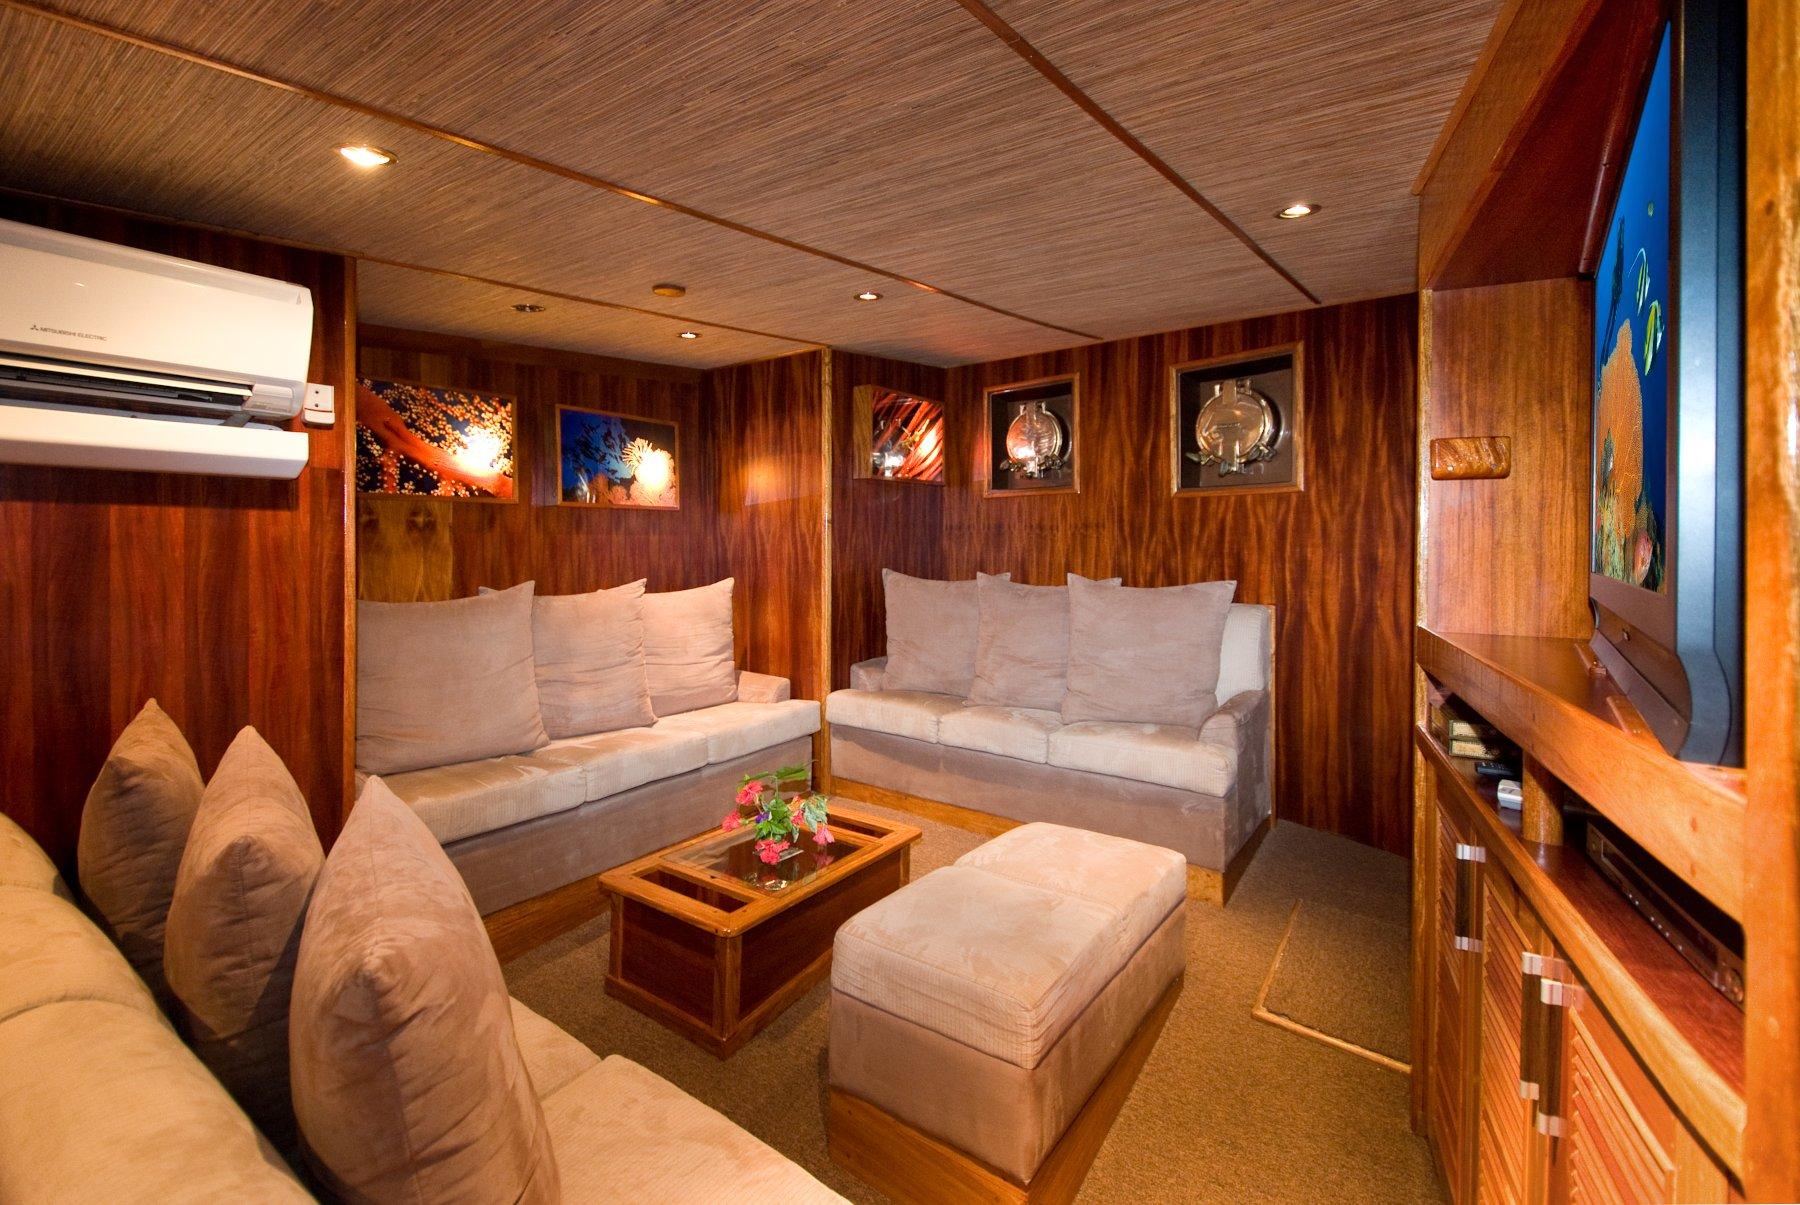 Die Lounge an Bord der Ocean Hunter III verfügt über einen Barbereich mit Sitzgelegenheiten, eine TV/DVD Anlage sowie eine kleine Bibliothek.